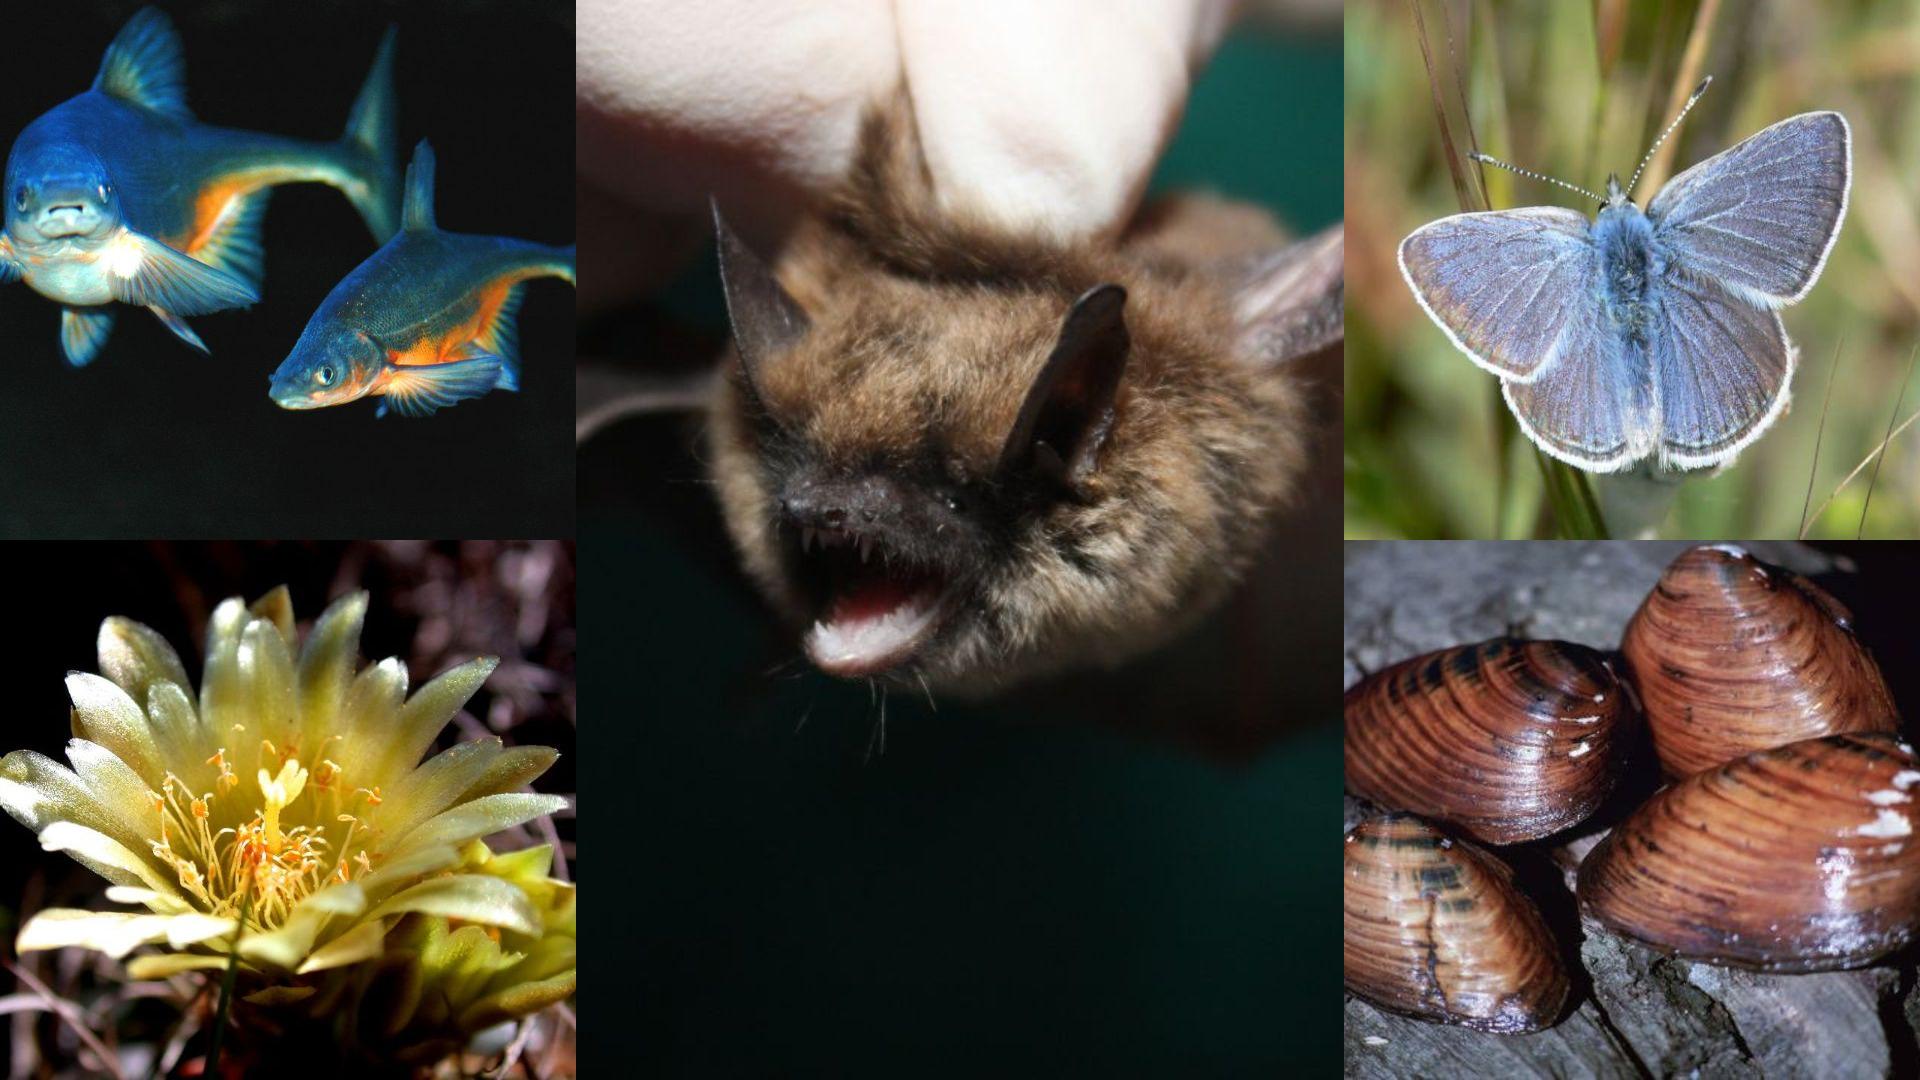 beyond megafauna bats mussels butterfly plants fish